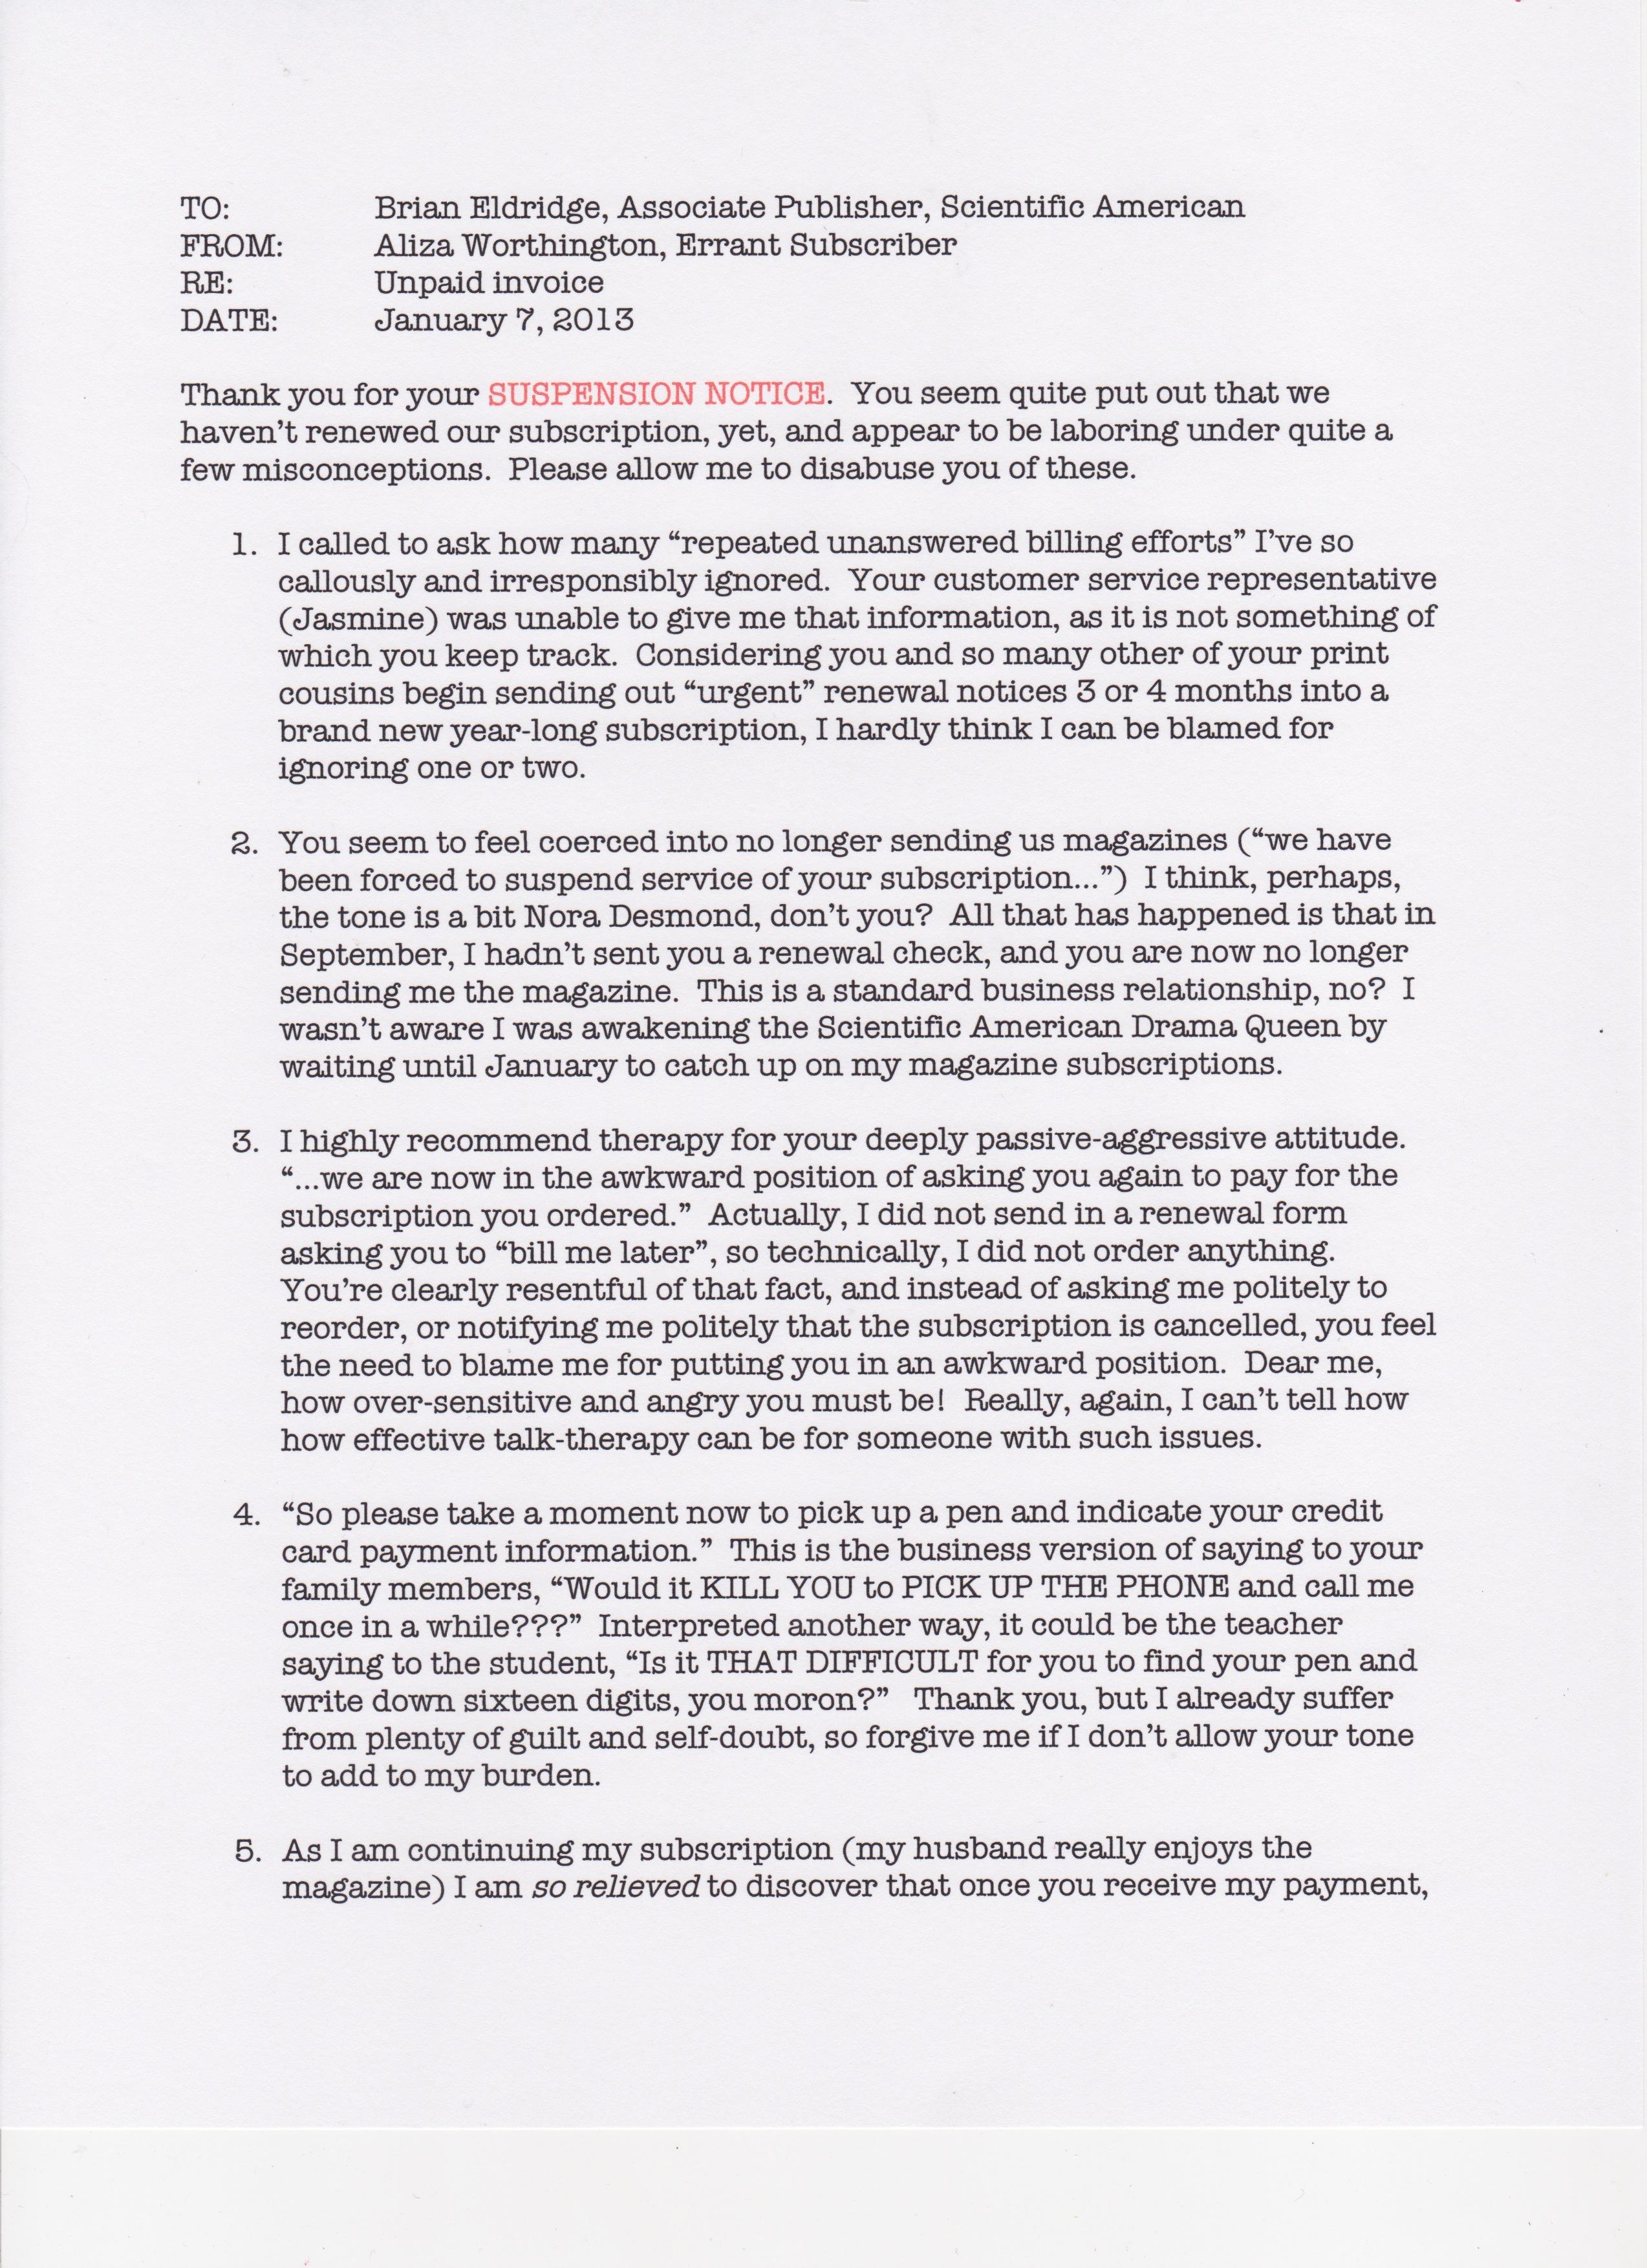 SA Suspension Notice